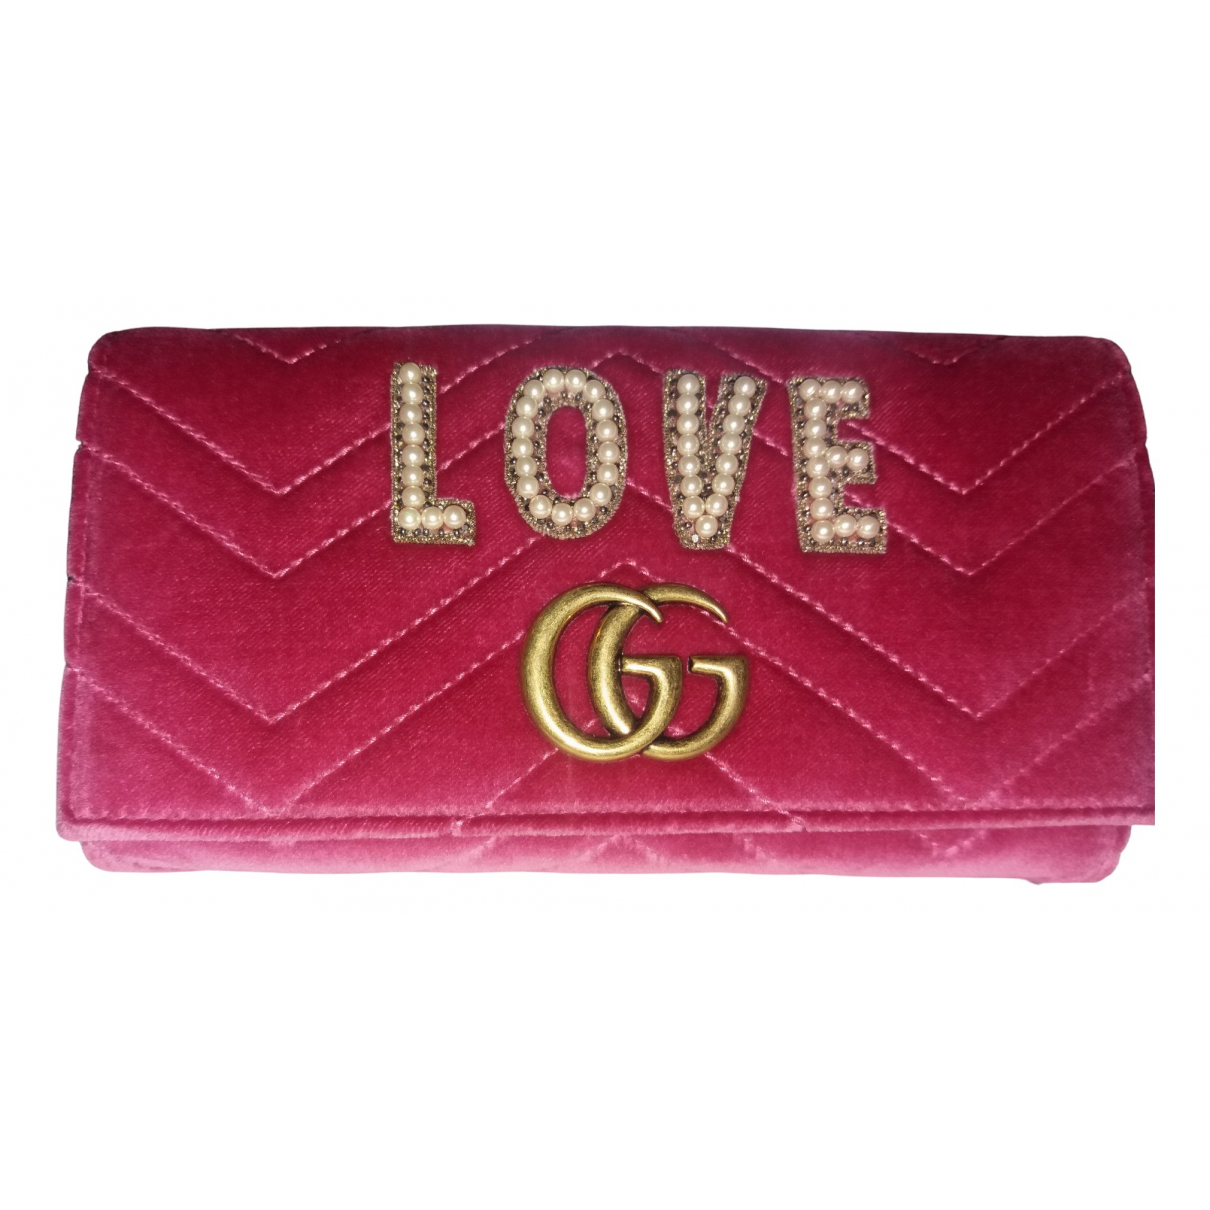 Gucci - Portefeuille Marmont pour femme en velours - rose